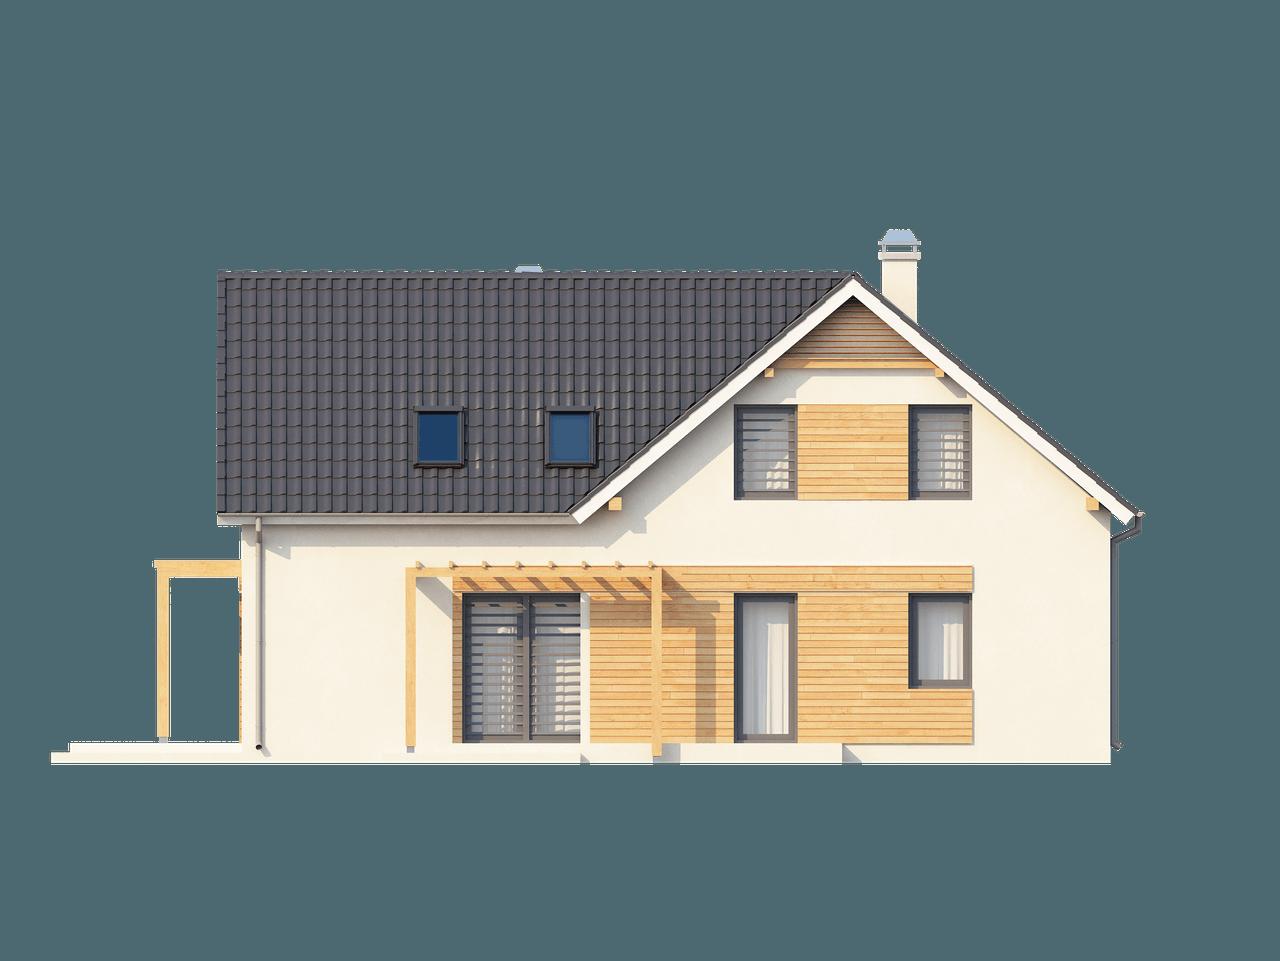 Gotowy projekt domu Z125 - Wygodnym dom z poddaszem, pokojem na parterze, garażem oraz dużym p.g.